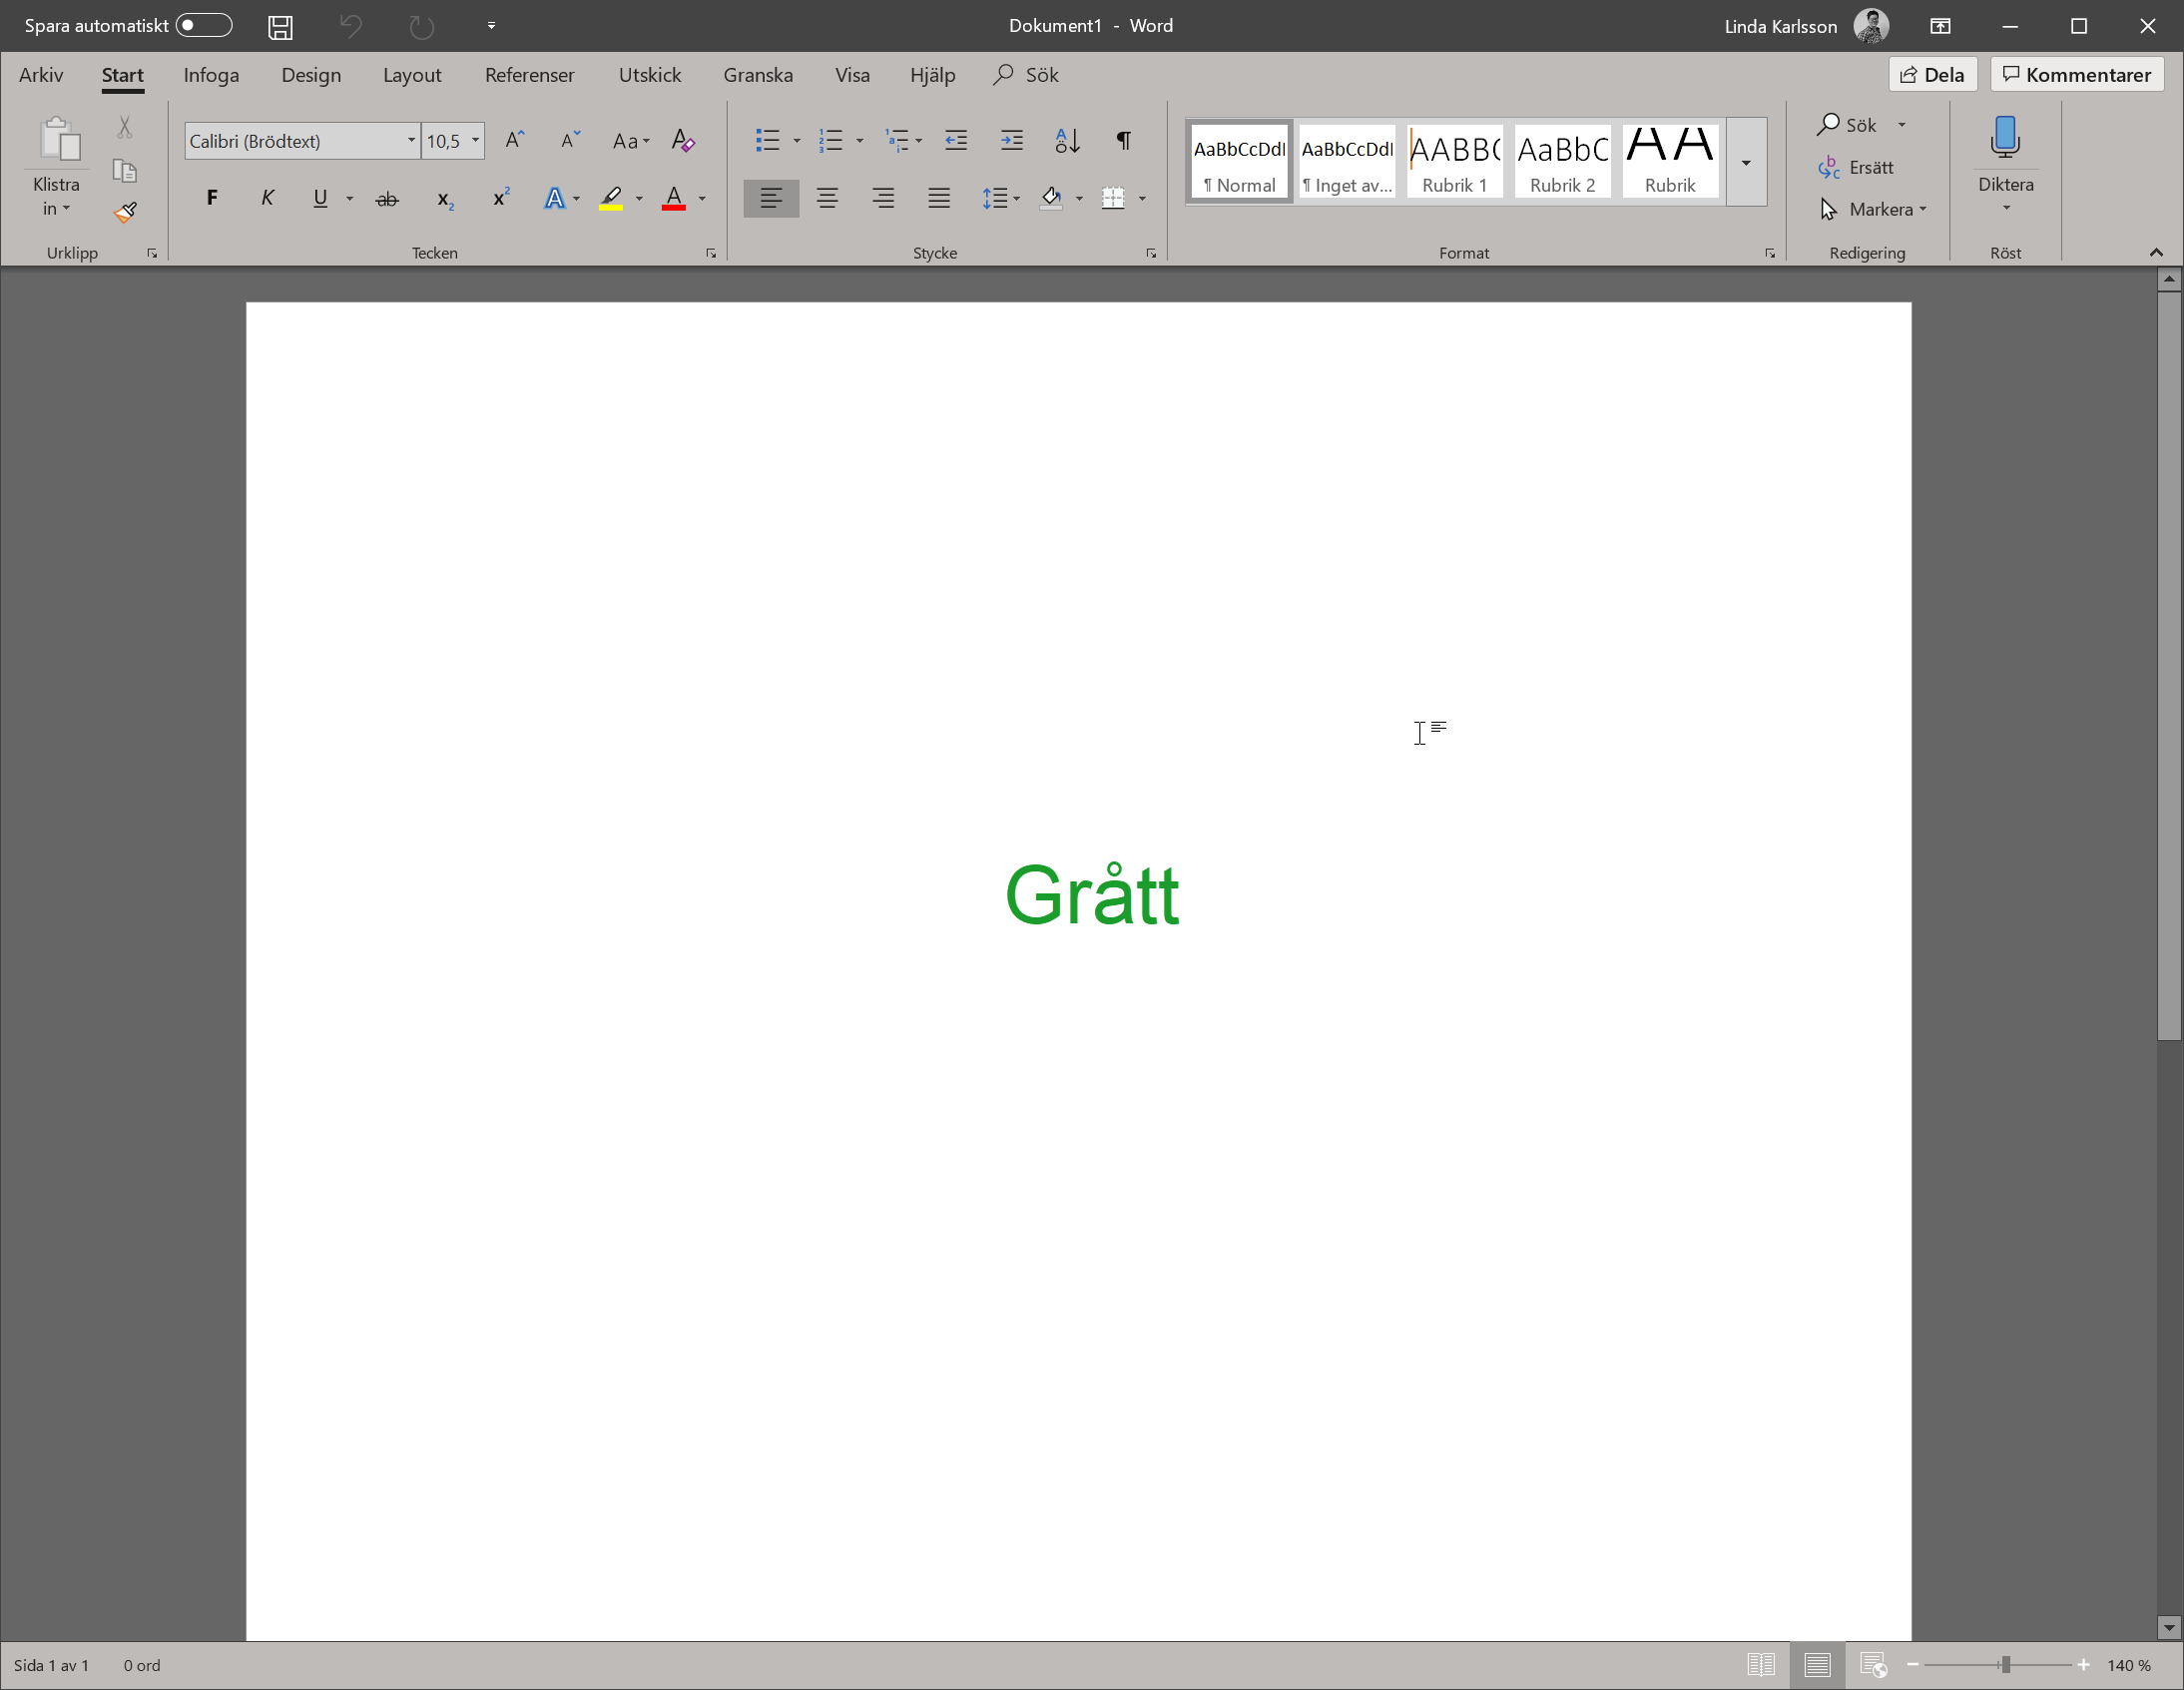 Temat Grått i Microsoft Office 2019